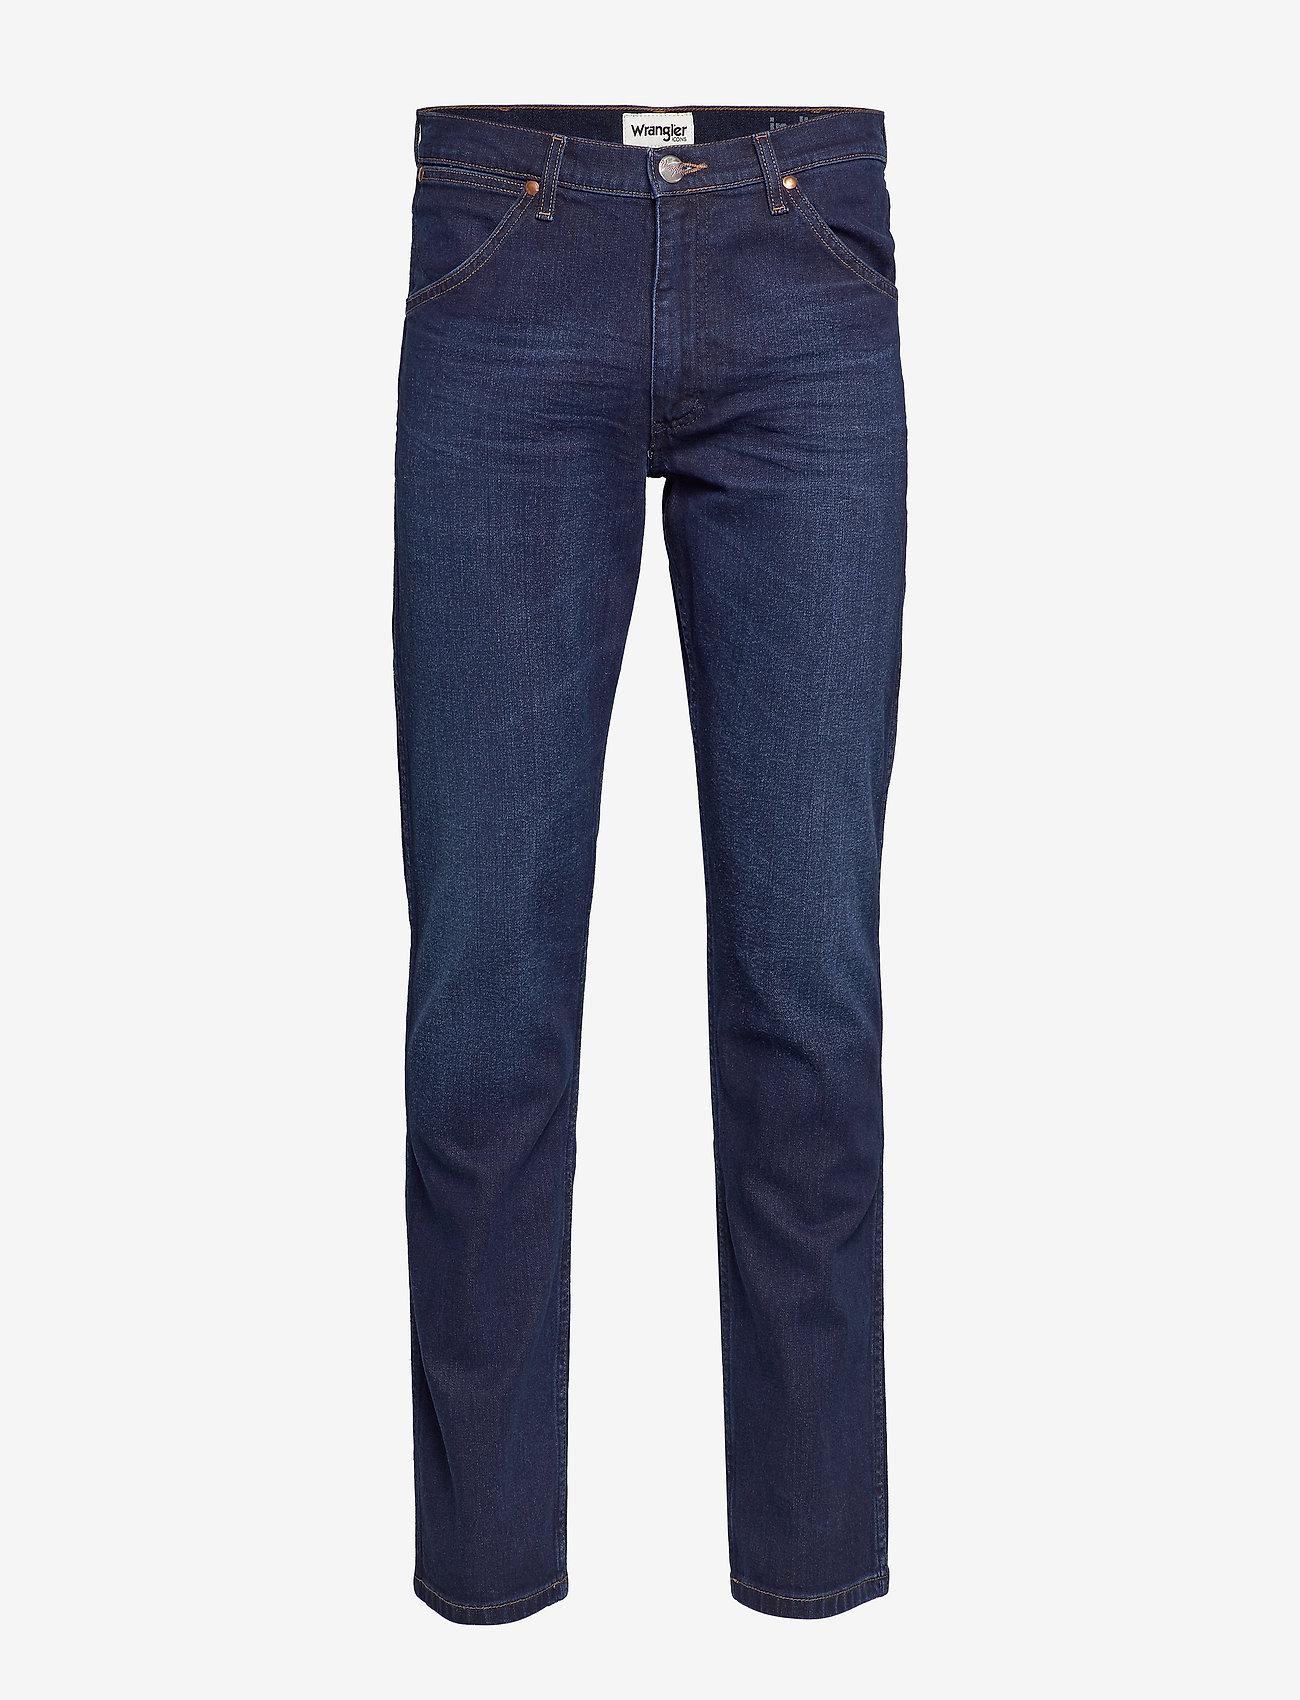 Wrangler 11MWZ - Jeans GOOD NIGHT Xw3ZadeM